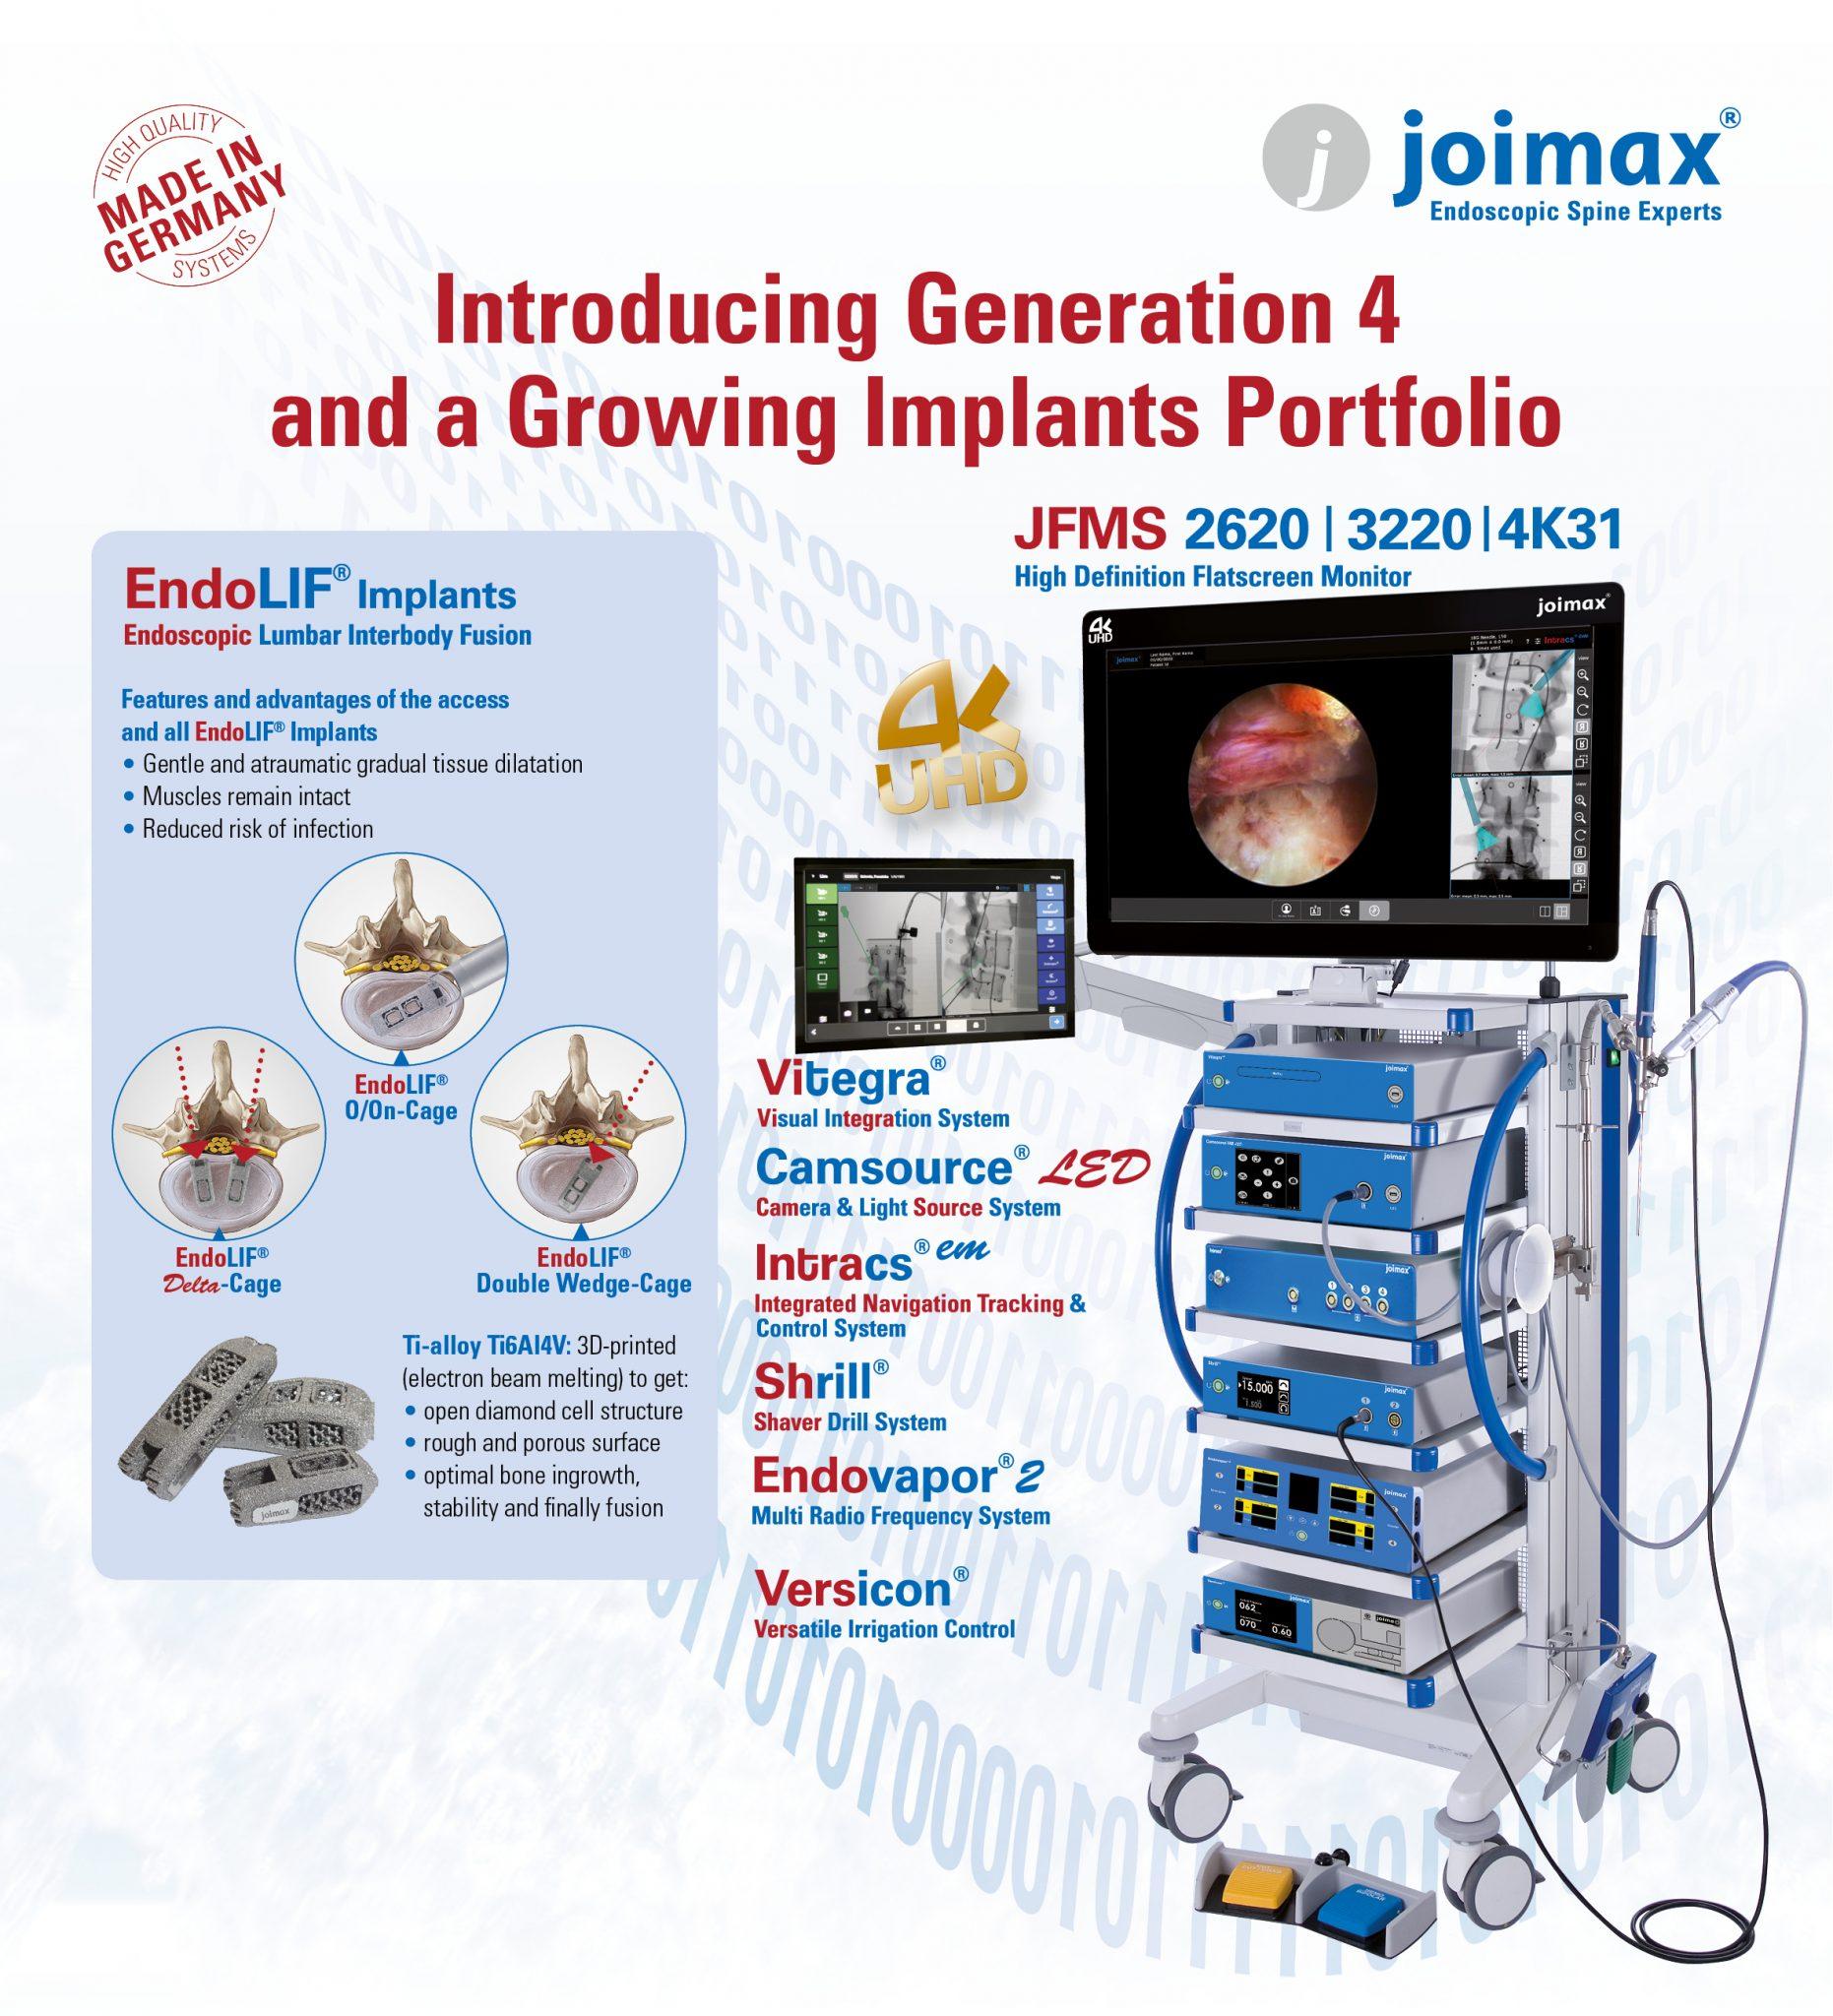 Pressemeldung zur DWG 2018, Implantate, endoskopie geräte, generation 4